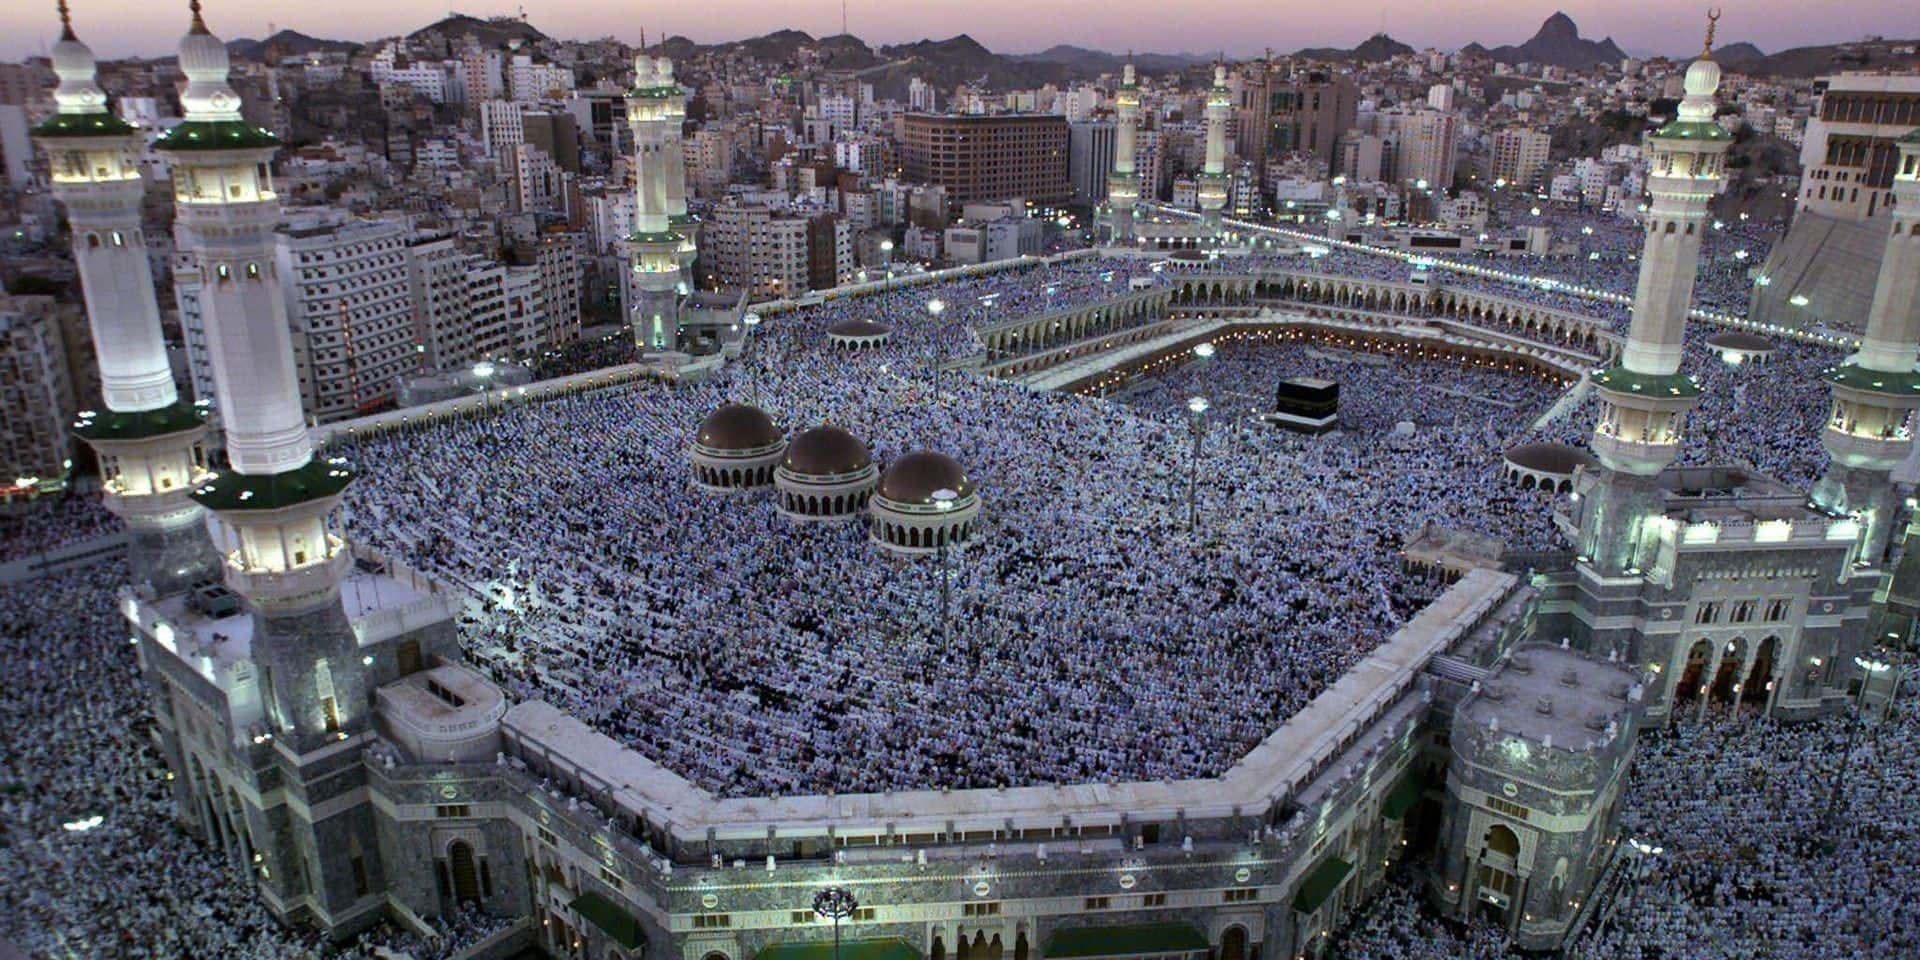 Un adolescent s'attire les foudres des internautes suite à une blague sur le pèlerinage de La Mecque